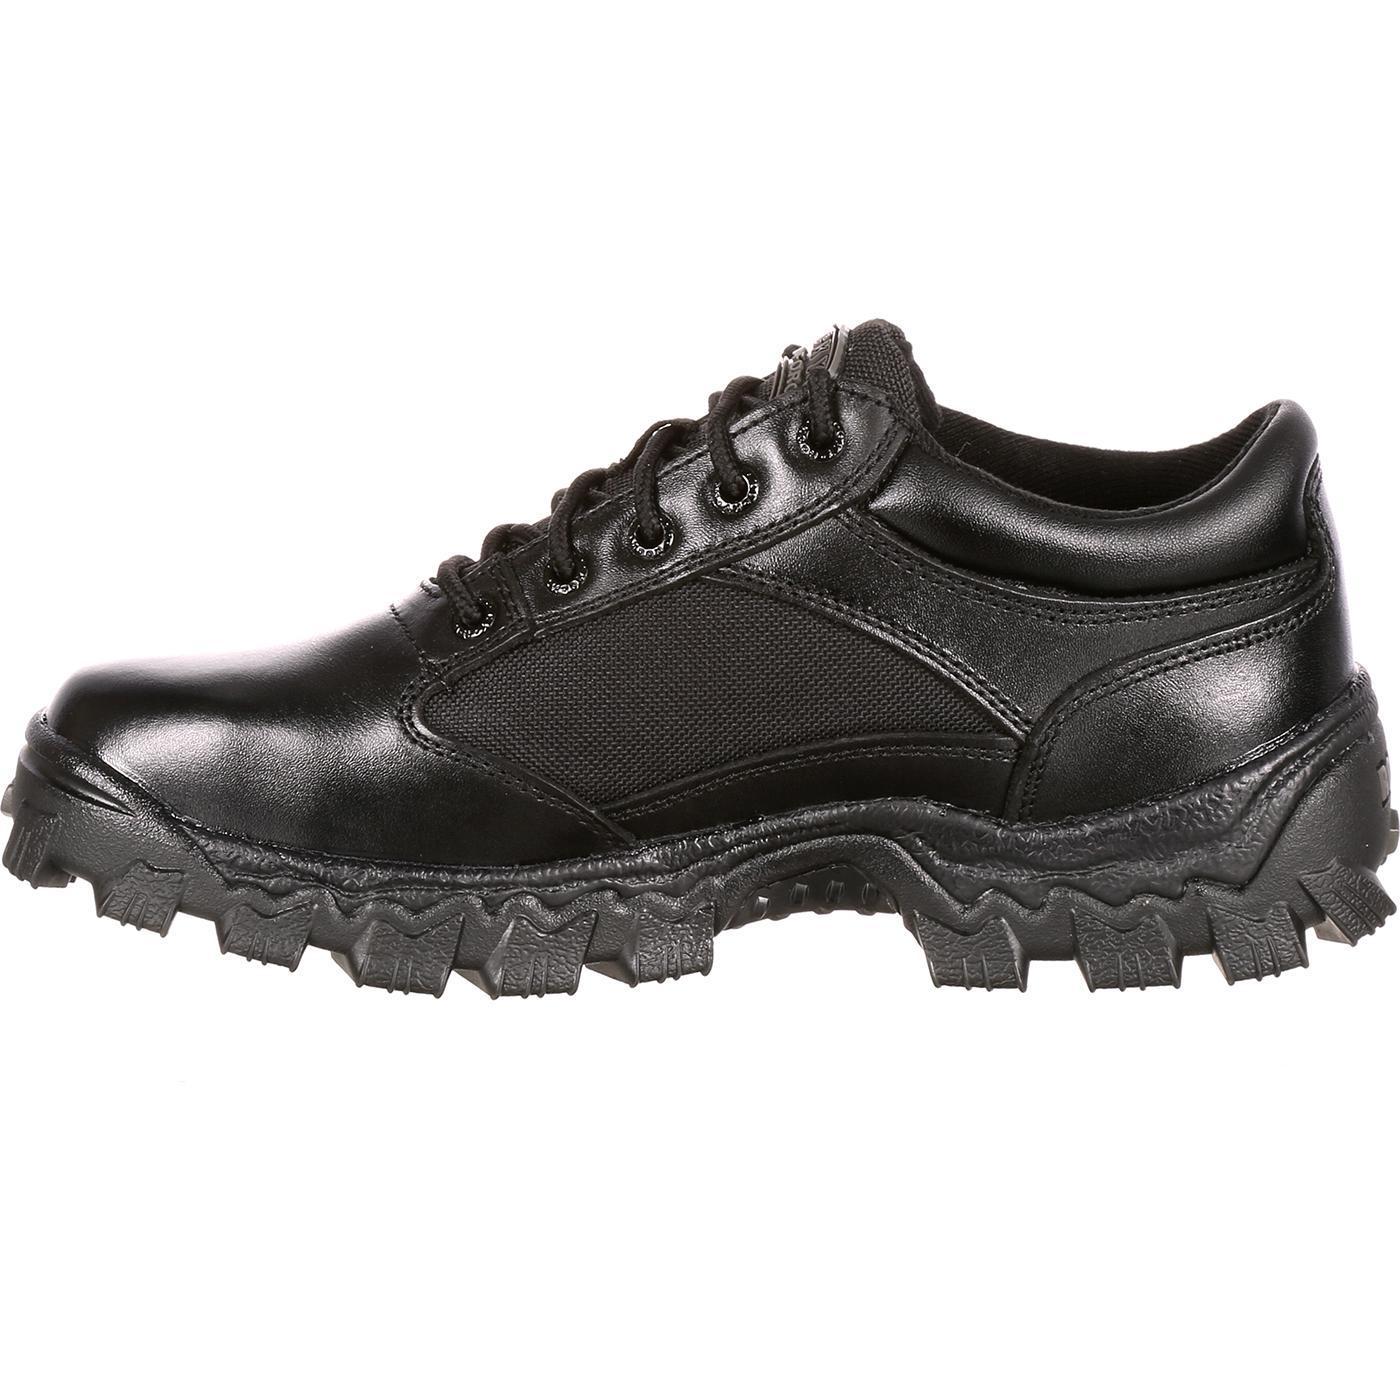 d579216dfc8 Rocky Alpha Force Oxford Shoe